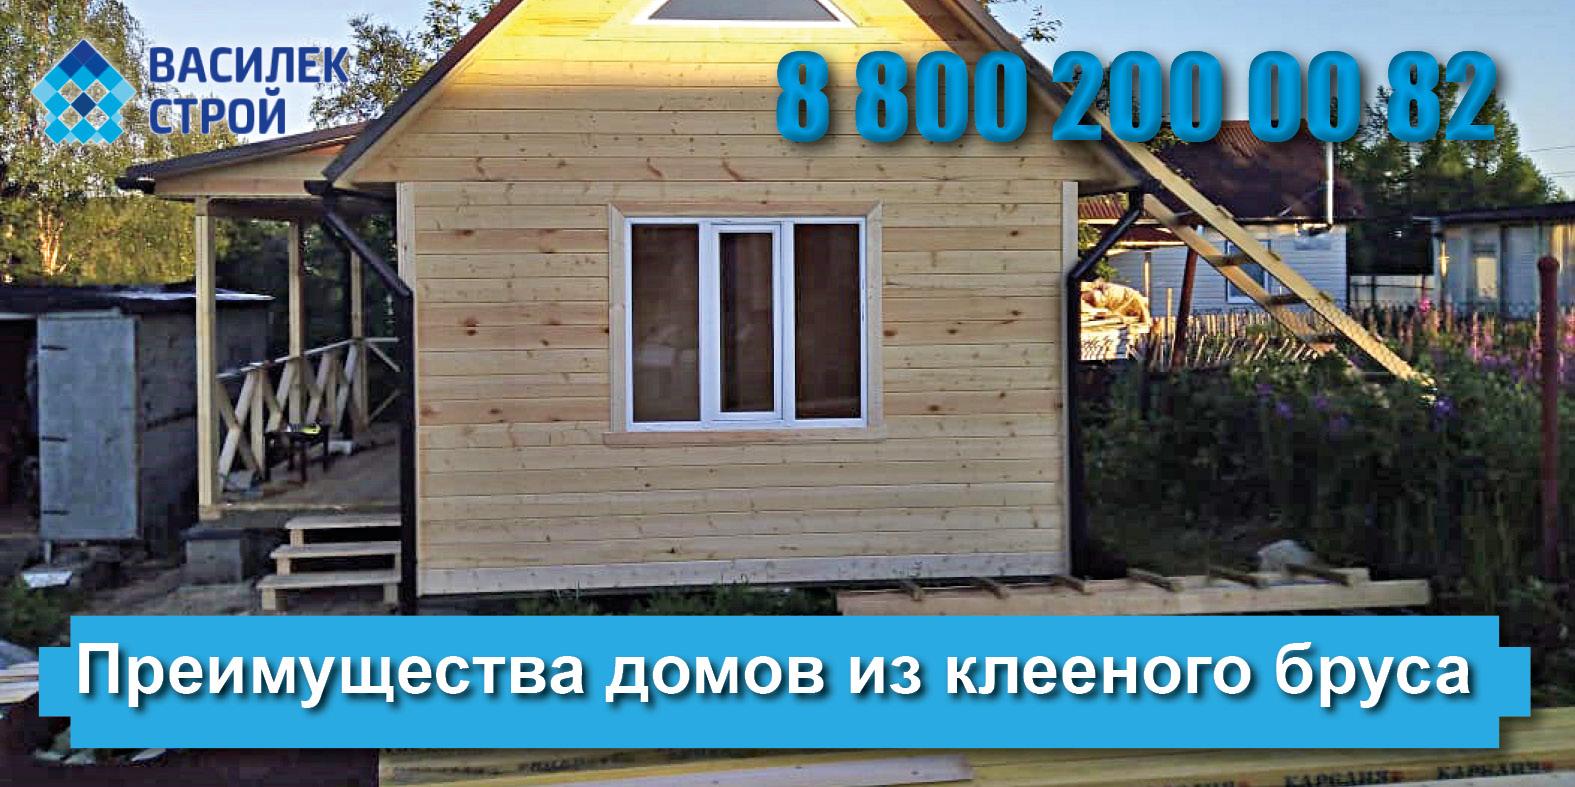 Строительство домов из клееного бруса и дачные дома из клееного бруса под ключ: проекты